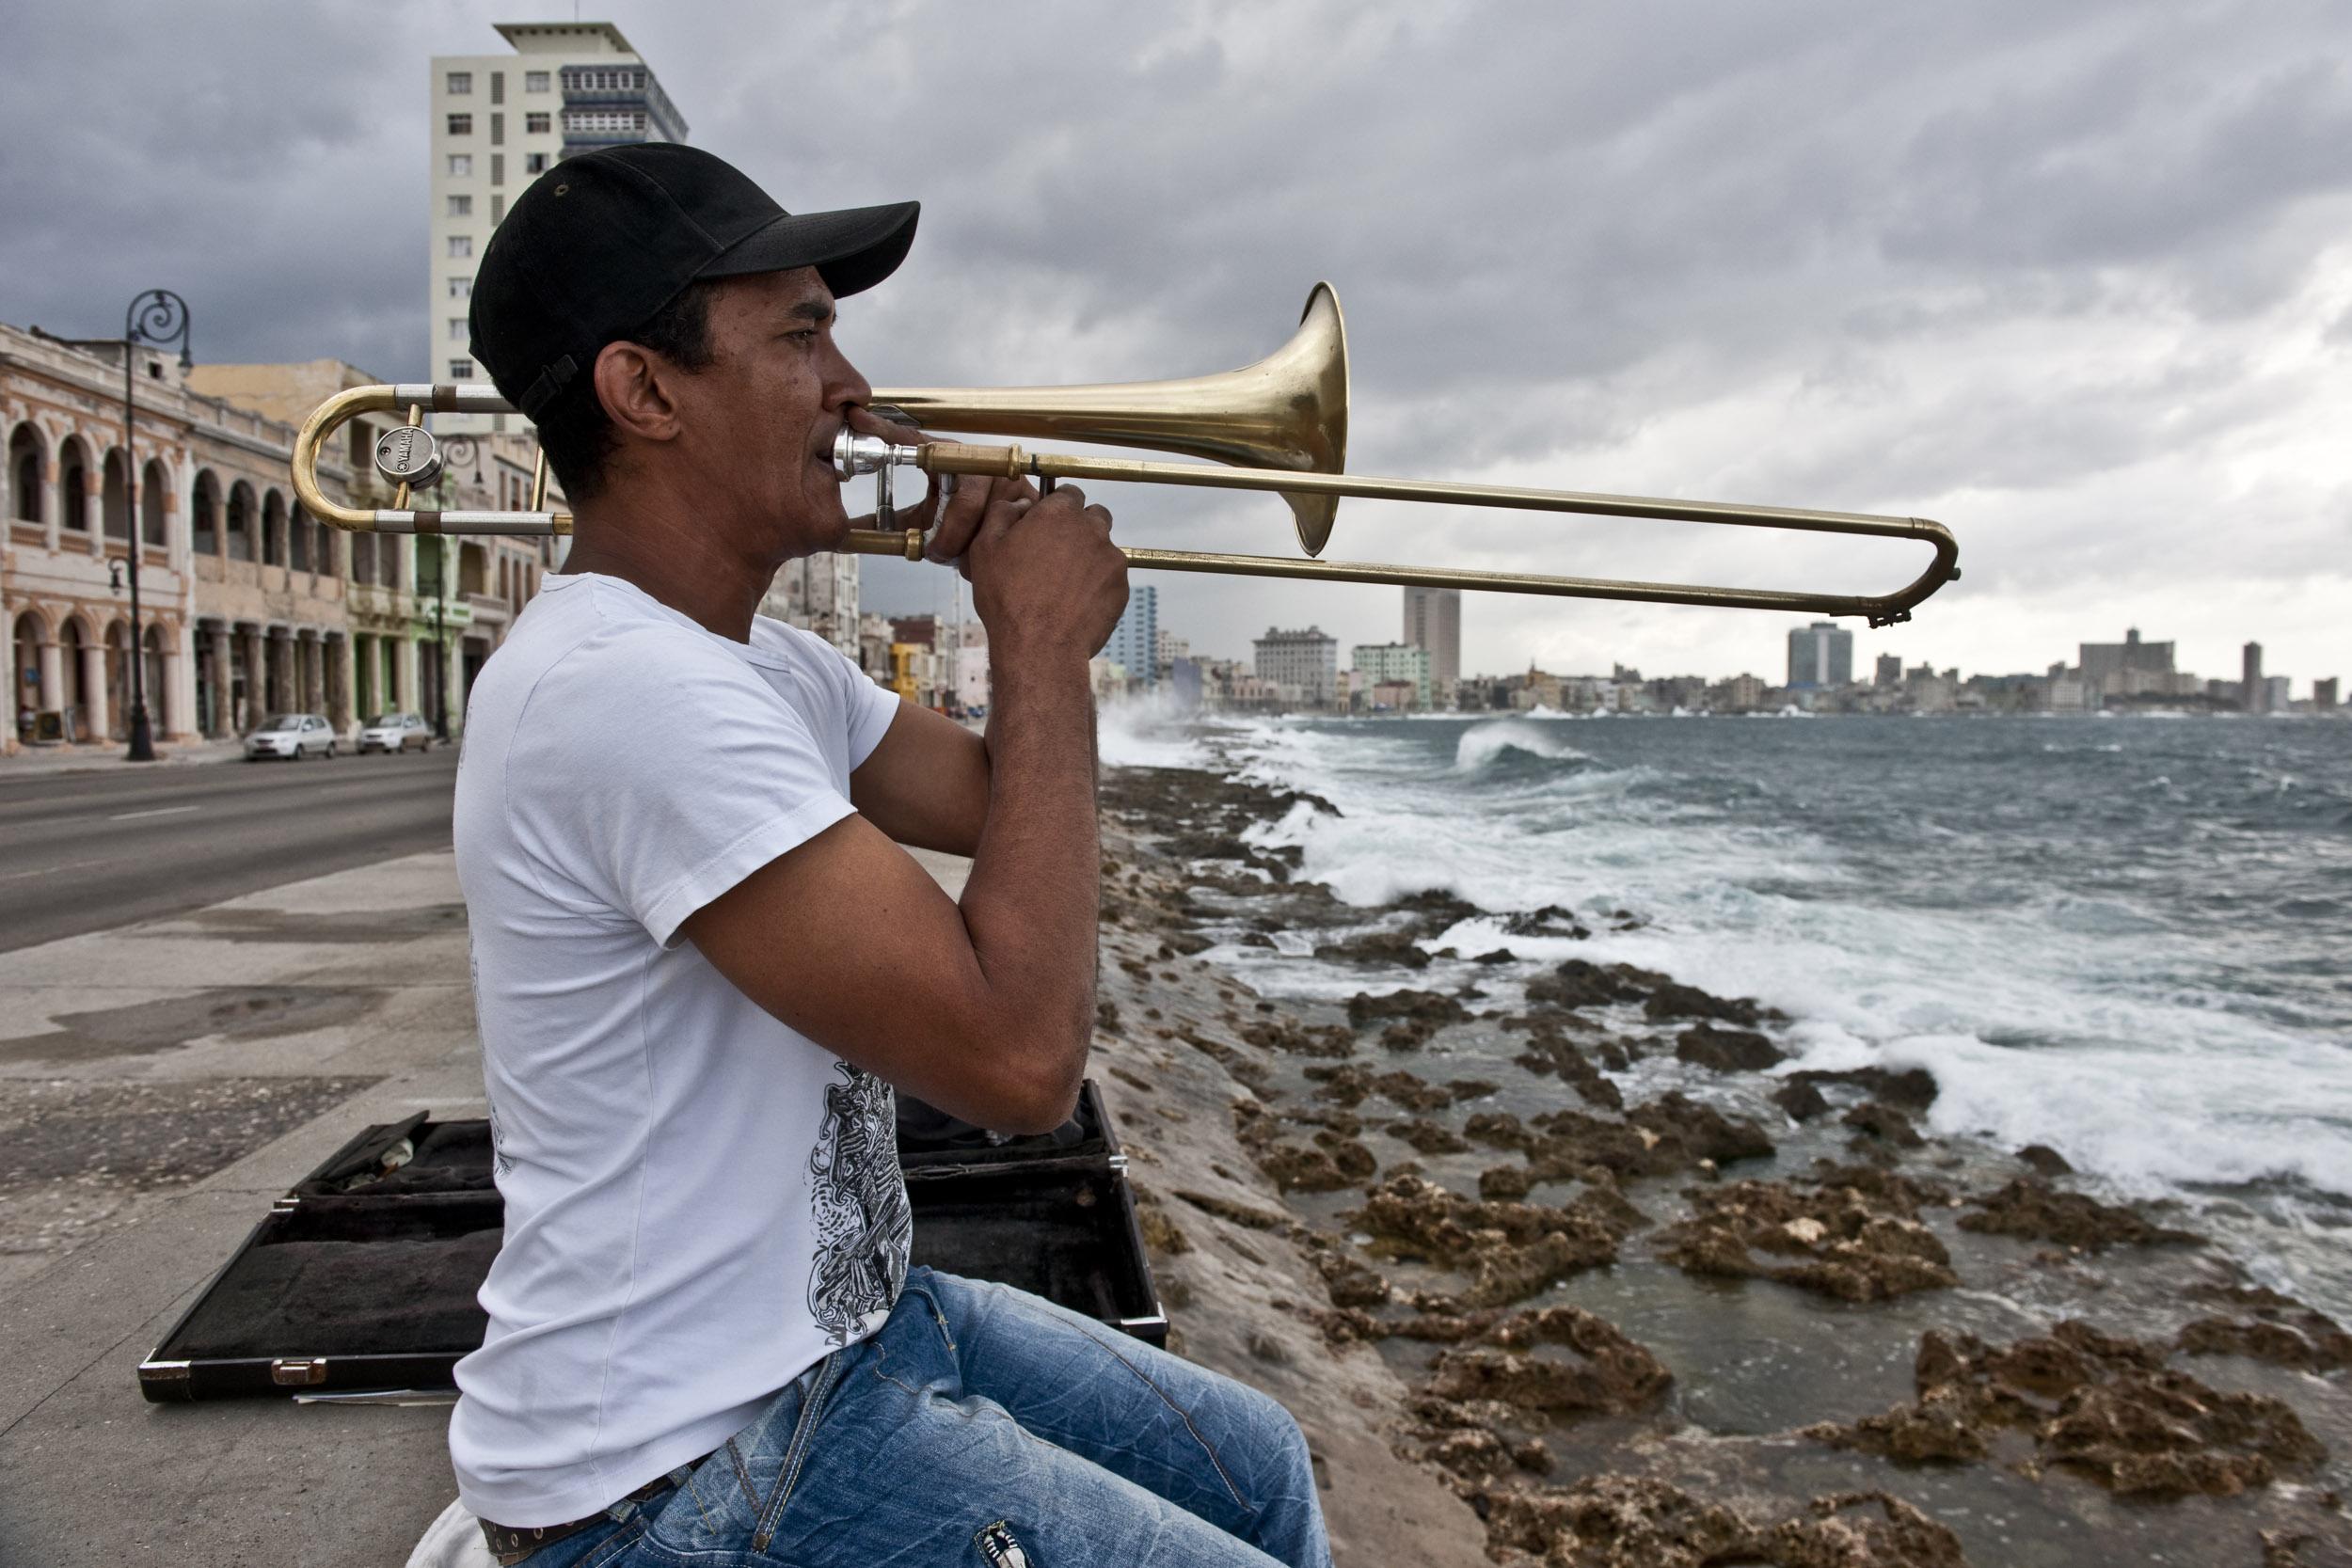 Malecón - Cuba - Hector Garrido, Aerial and human photography